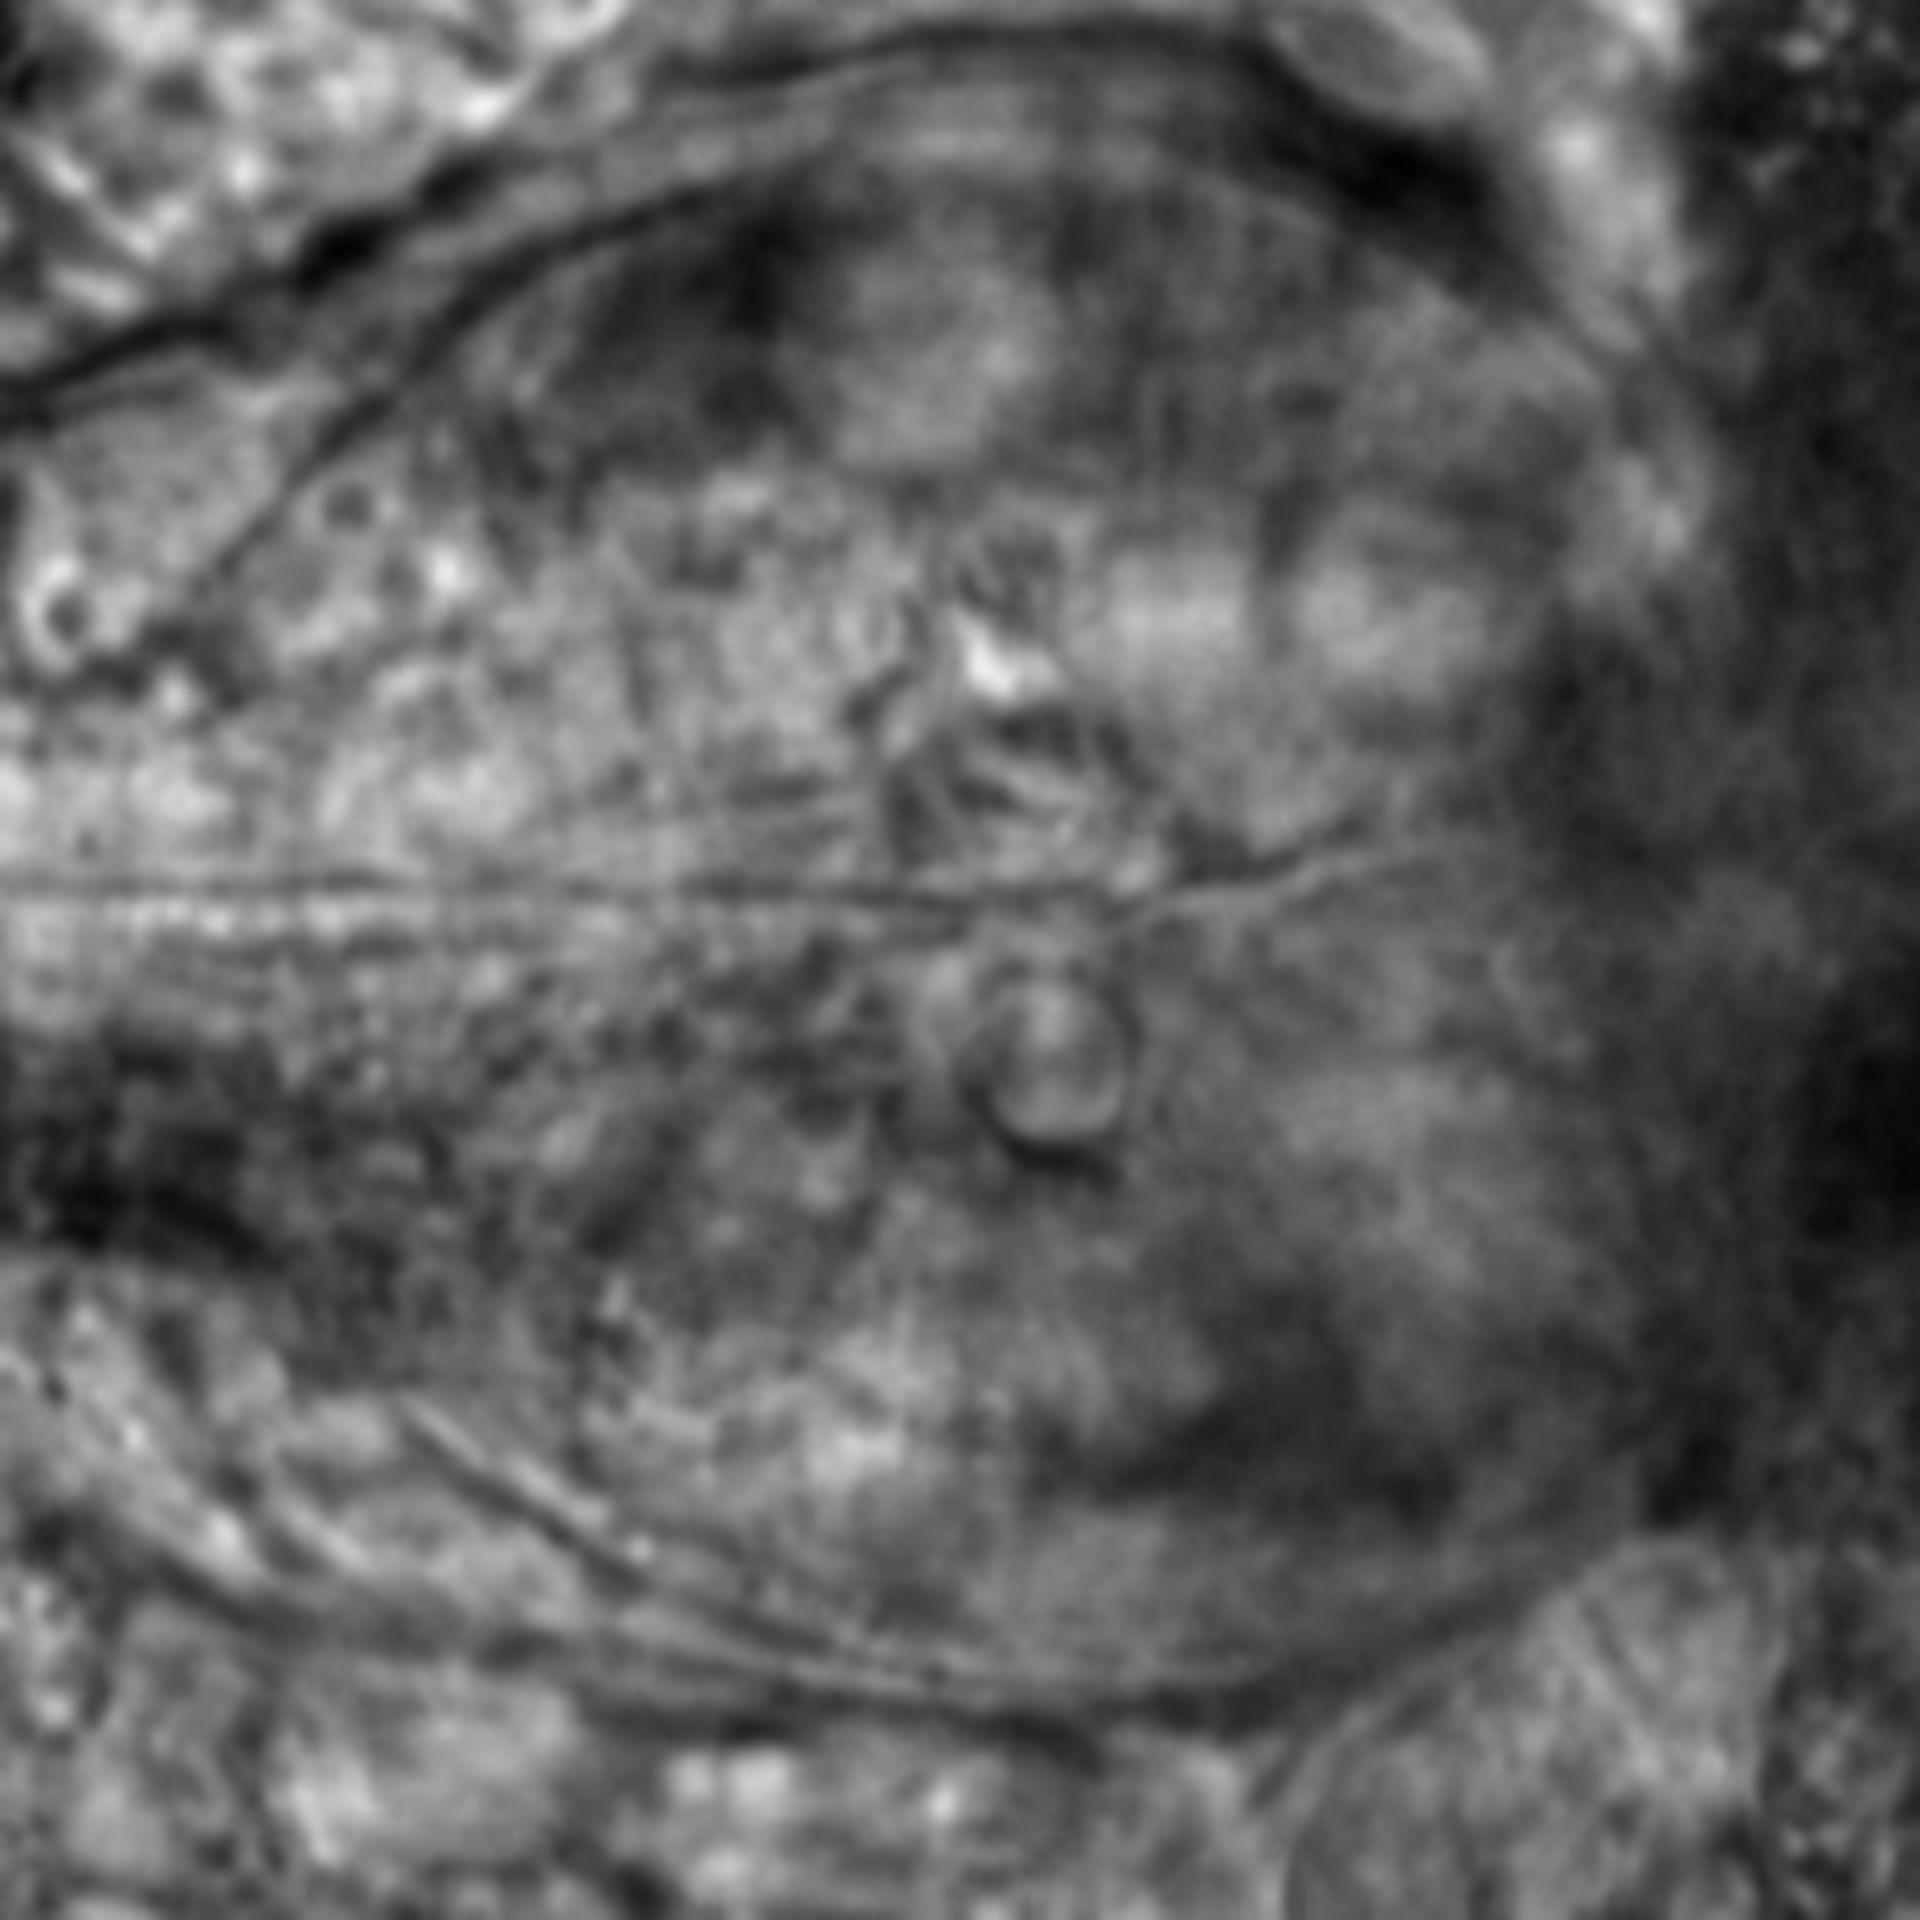 Caenorhabditis elegans - CIL:2632